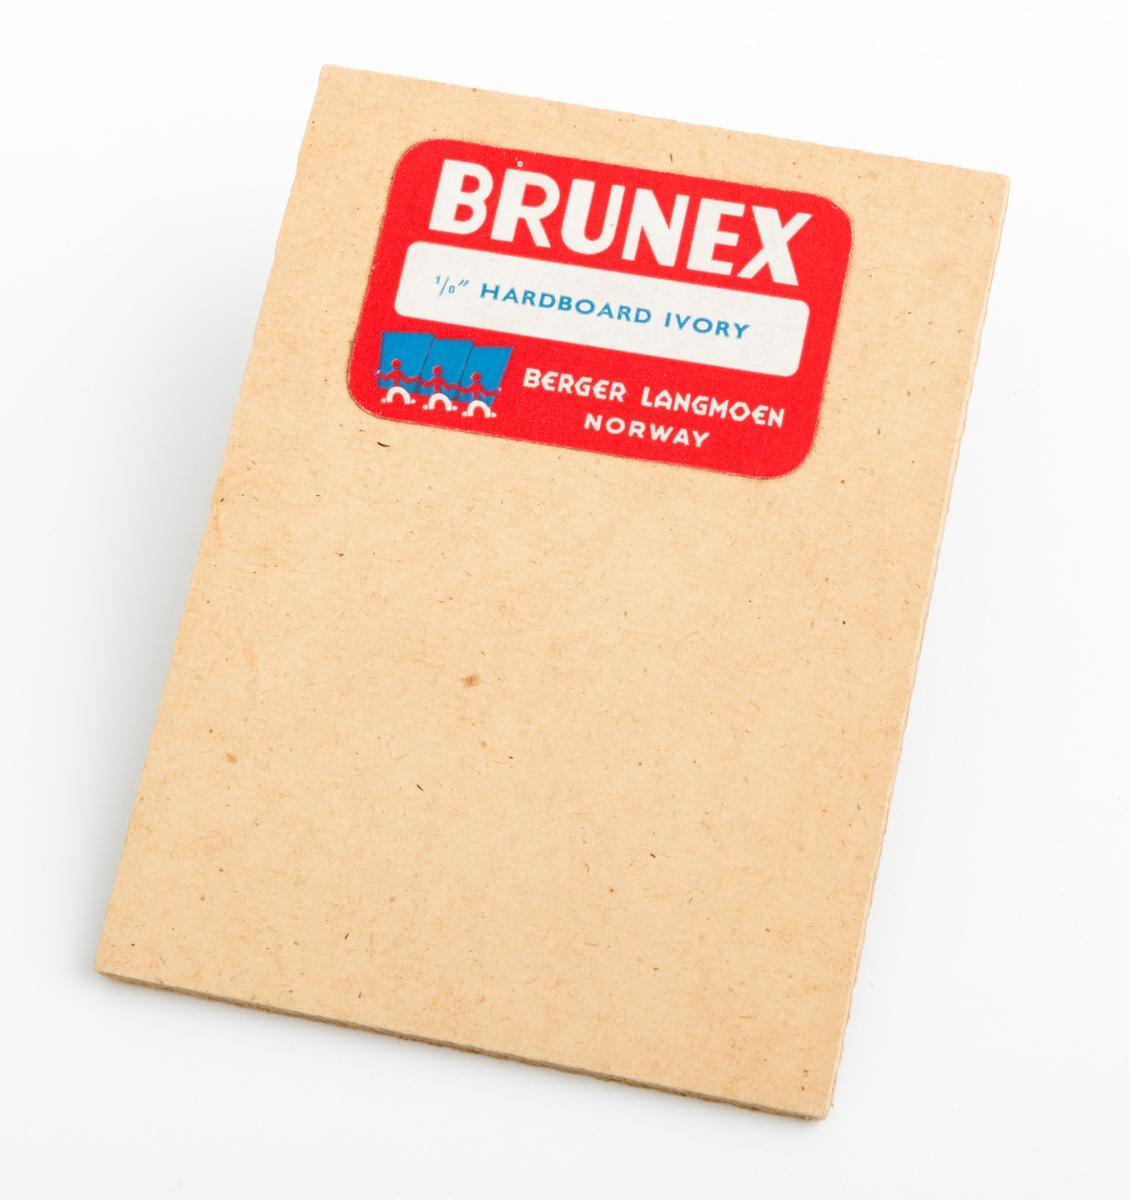 """En rektangulær trefiberplate (wallboardplate), vareprøve, på 9,9 cm x 7,4 cm. Plata har en glatt framside og en mer ru bakside. På vareprøvas ene side gjenifnnes en påklistrert etikett med firmaets logo og denne teksten: Brunex, 1/8"""" hardboard ivory Berger Langmoen Norway."""